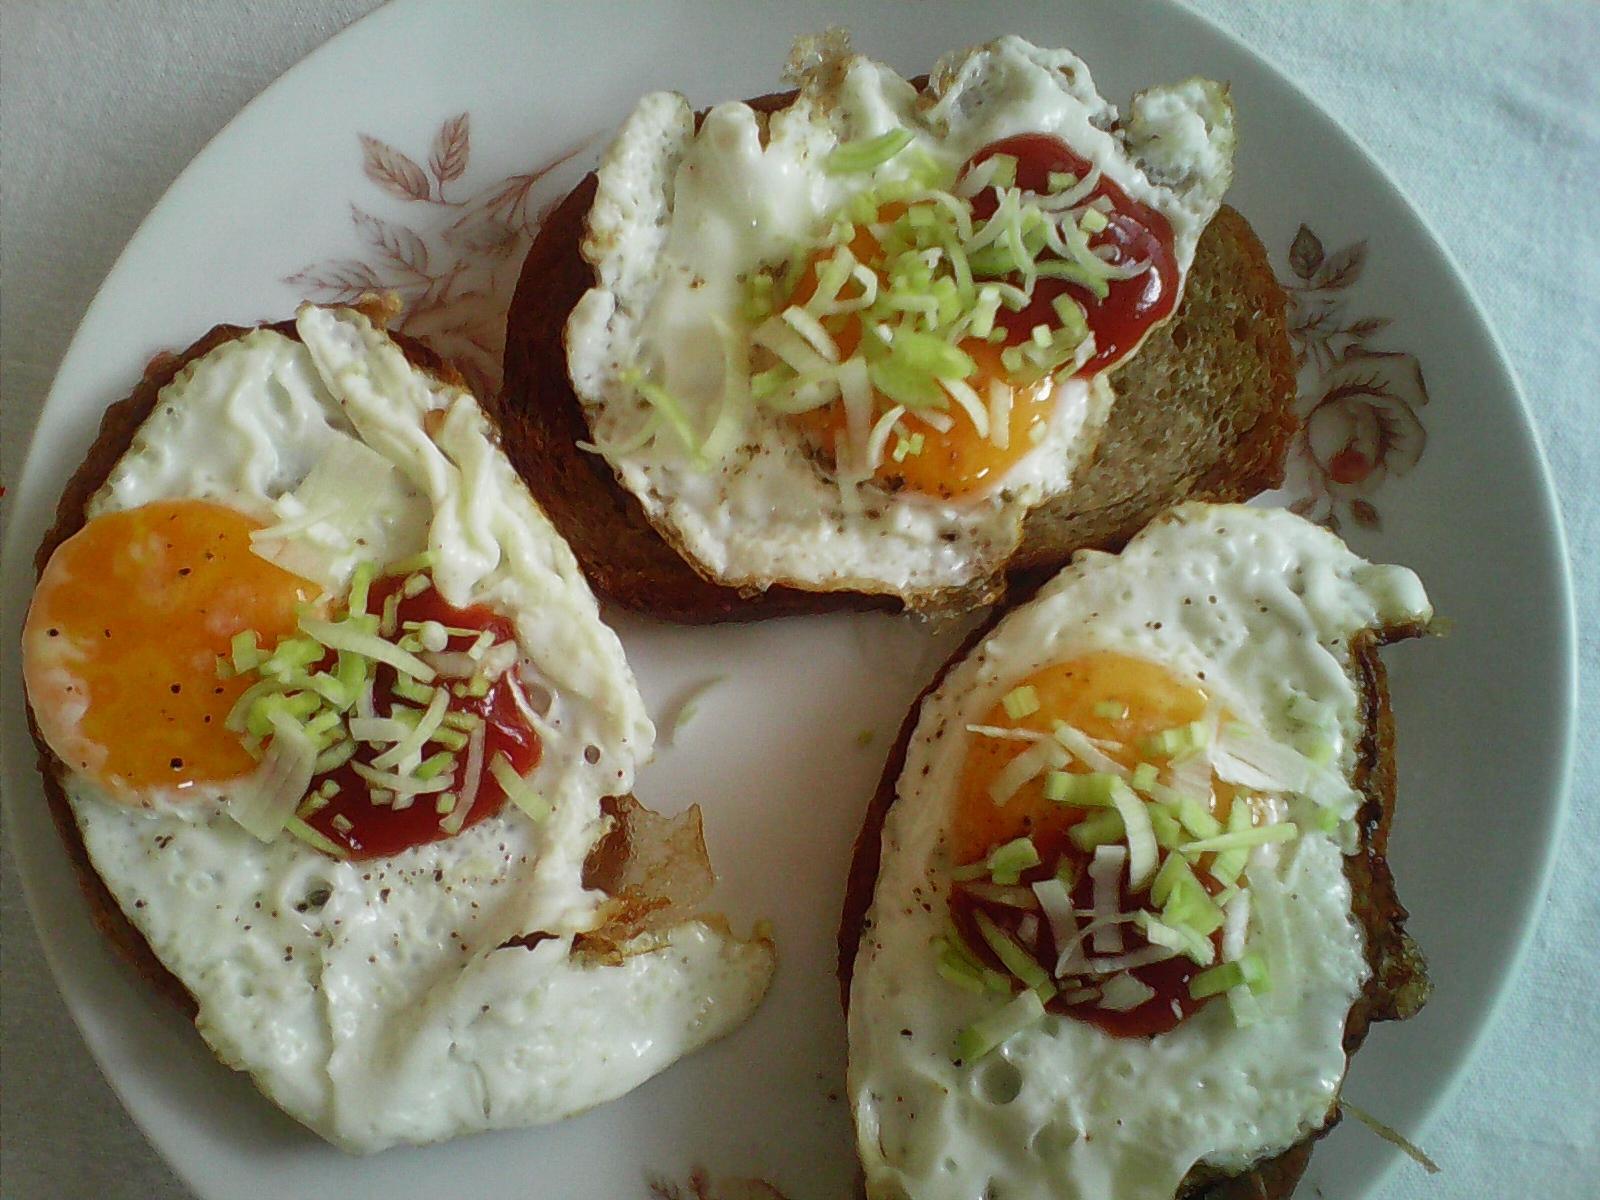 Fotografie receptu: Topinky s volským okem podle Katky